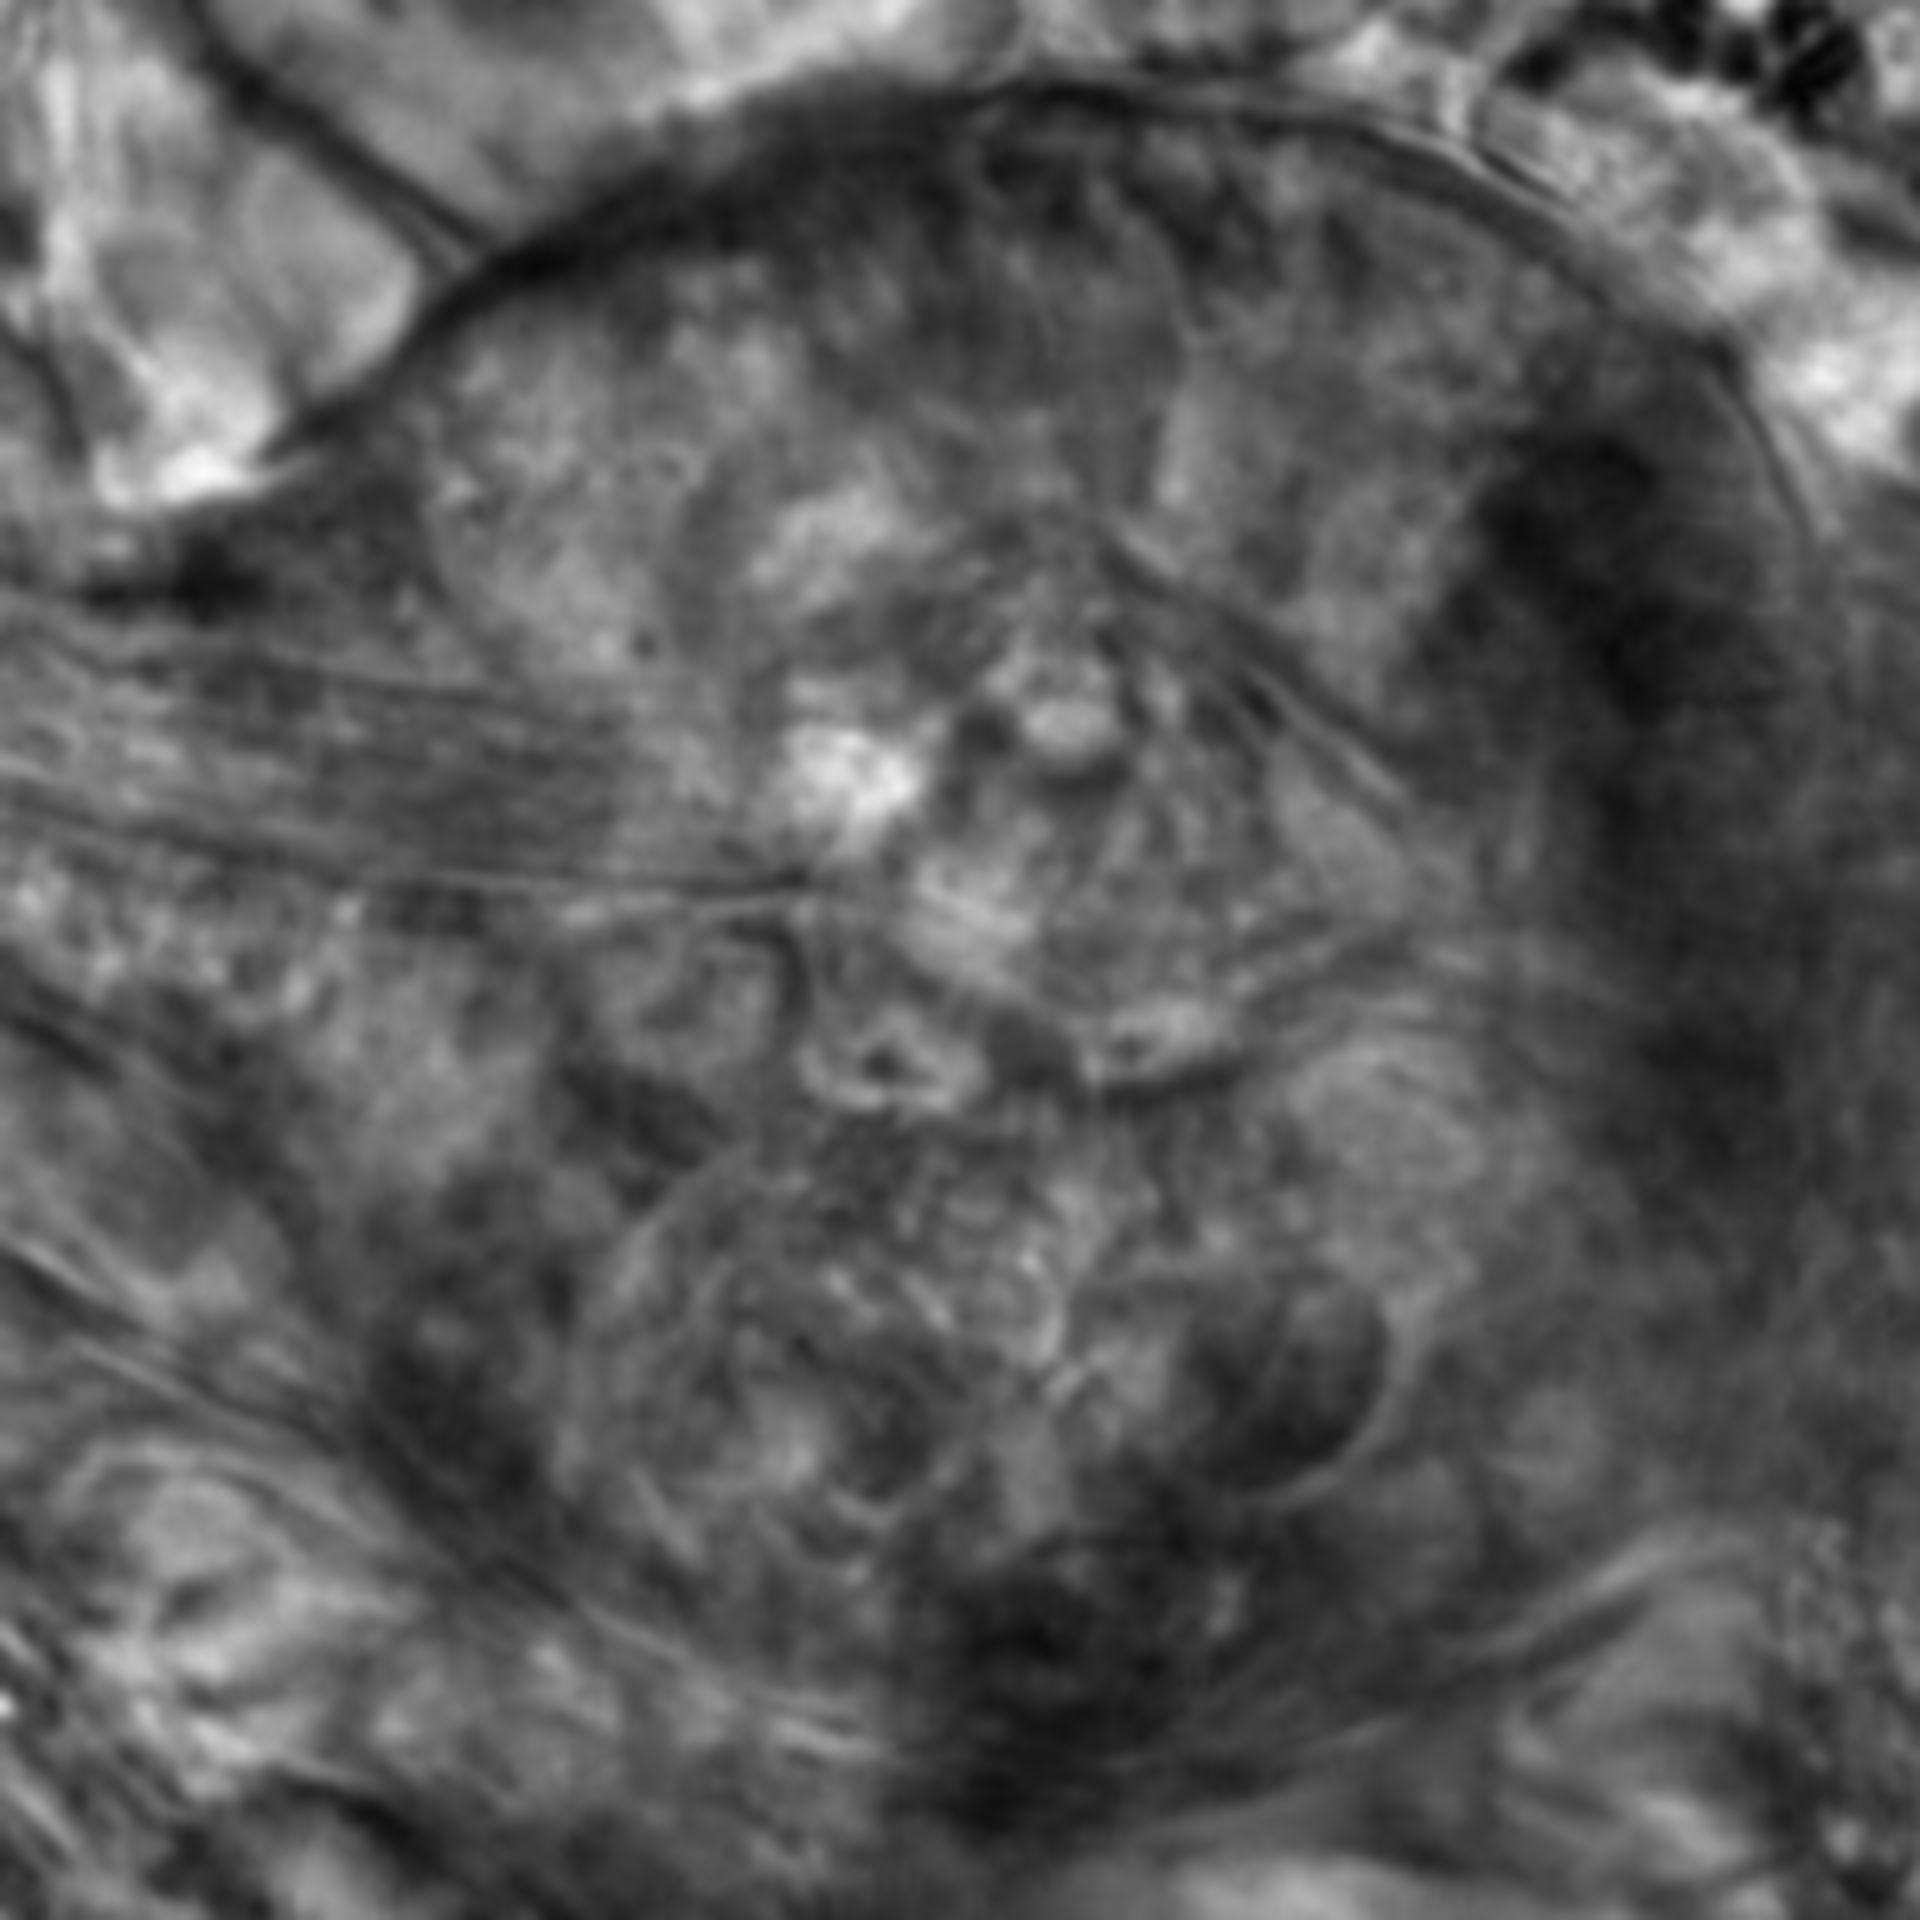 Caenorhabditis elegans - CIL:2652